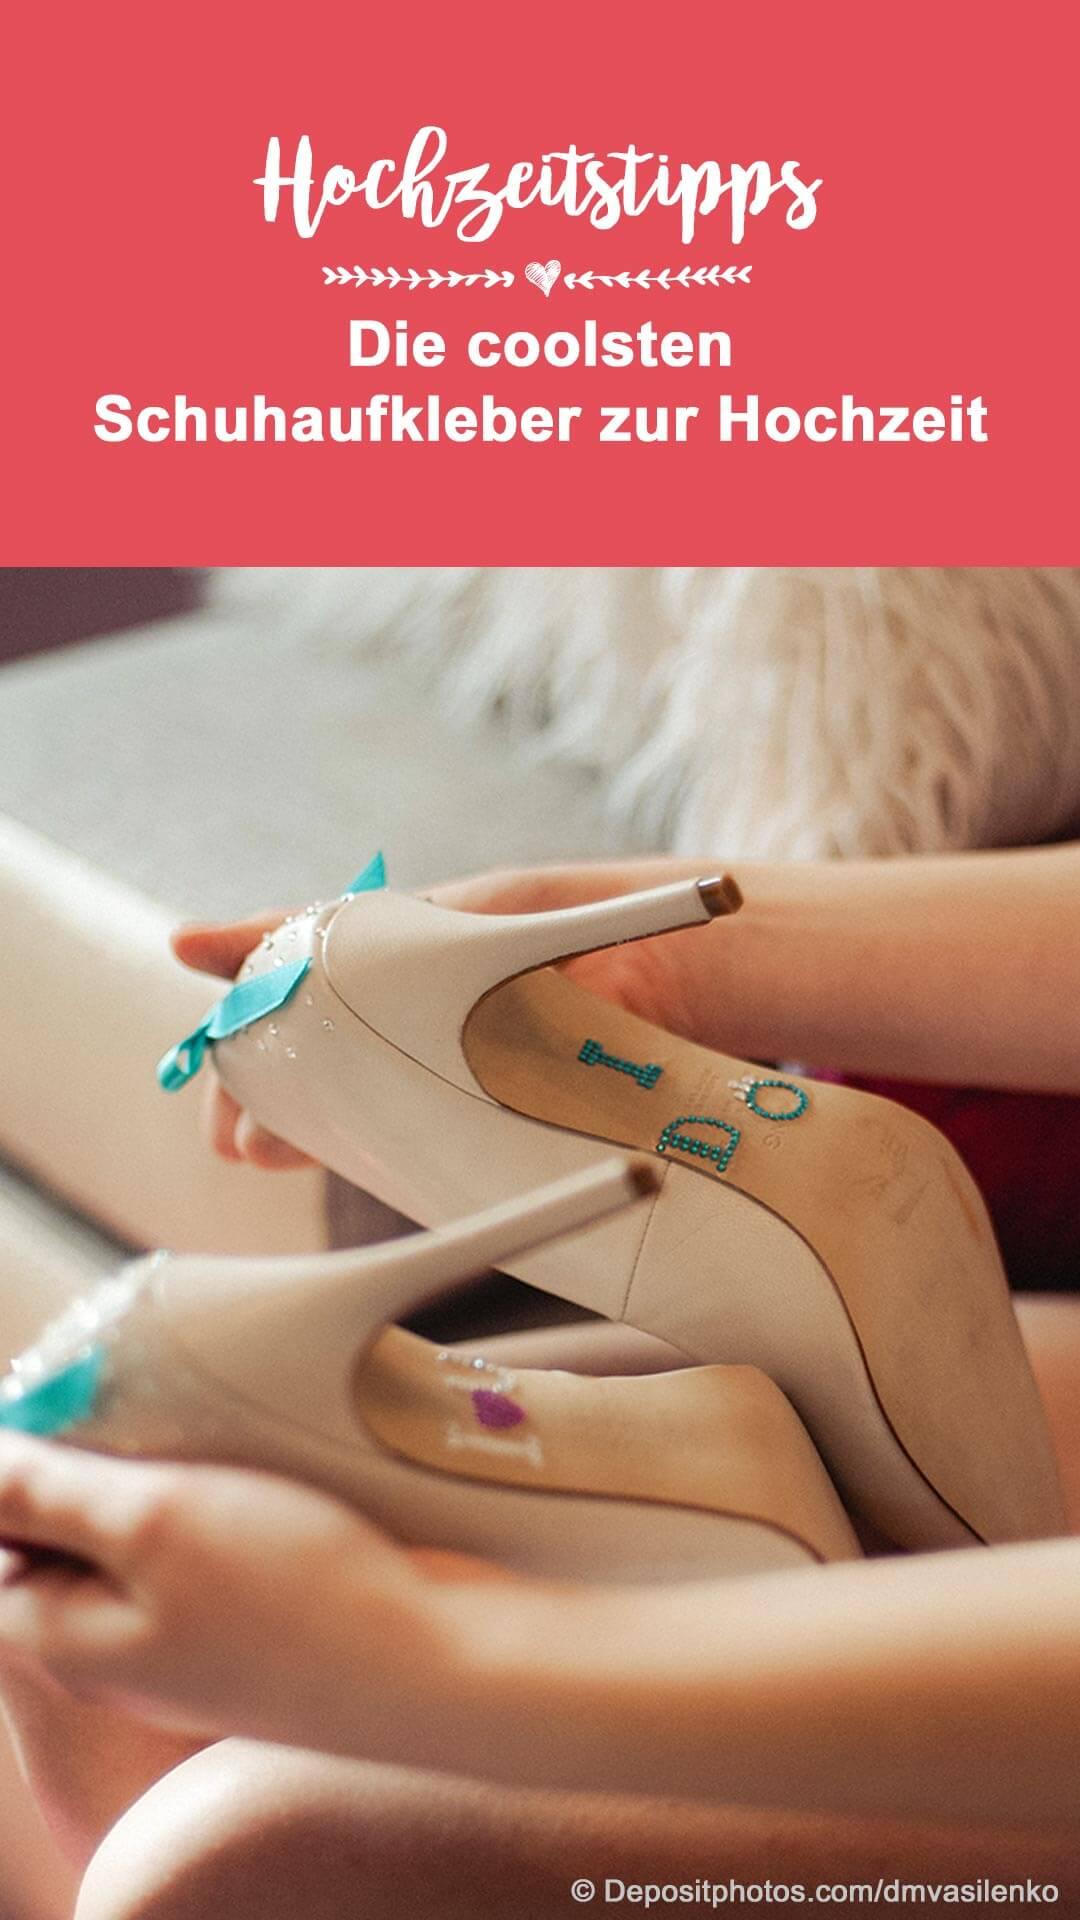 Hochzeit Schuhaufkleber